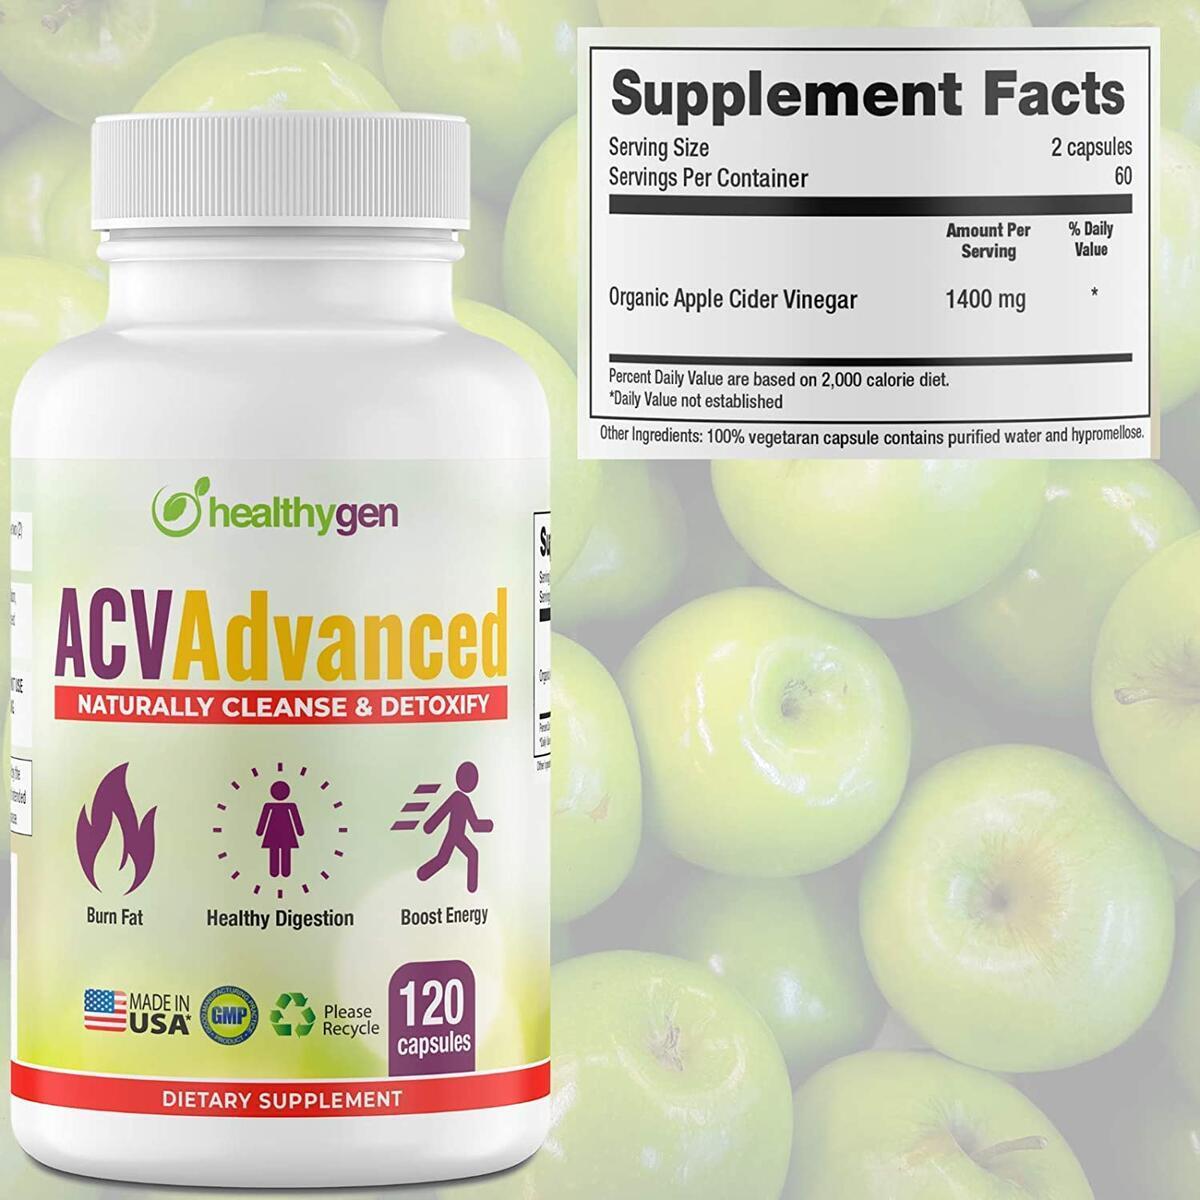 Advanced Apple Cider Vinegar Pills - Non-GMO, 120 Organic Capsule